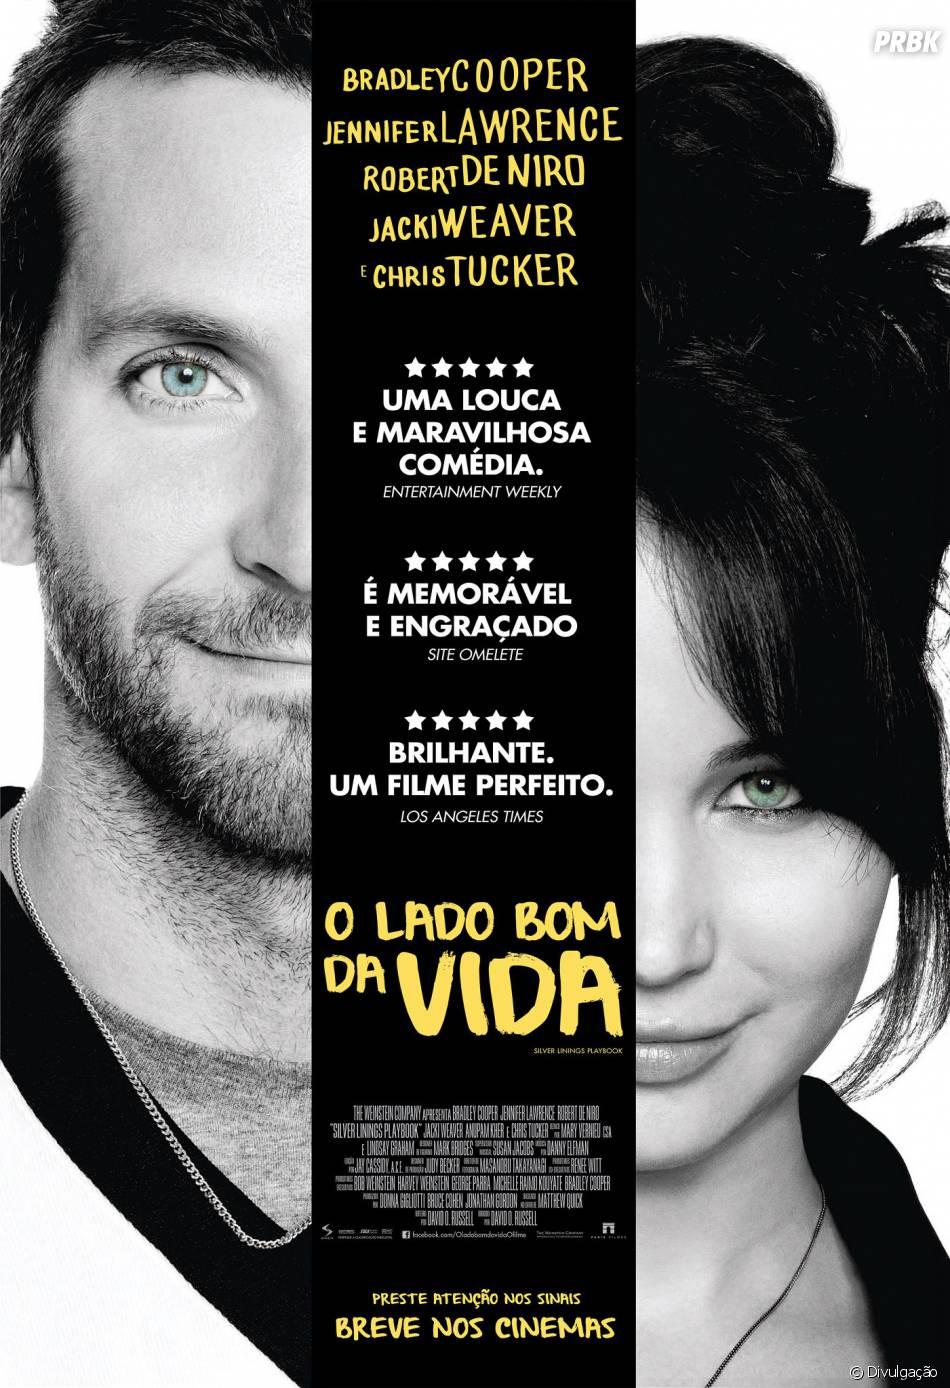 """Estrelado por Jennifer Lawrence, """"O Lado Bom da Vida"""" ficou na décima posição na lista de filmes mais baixados de 2013"""